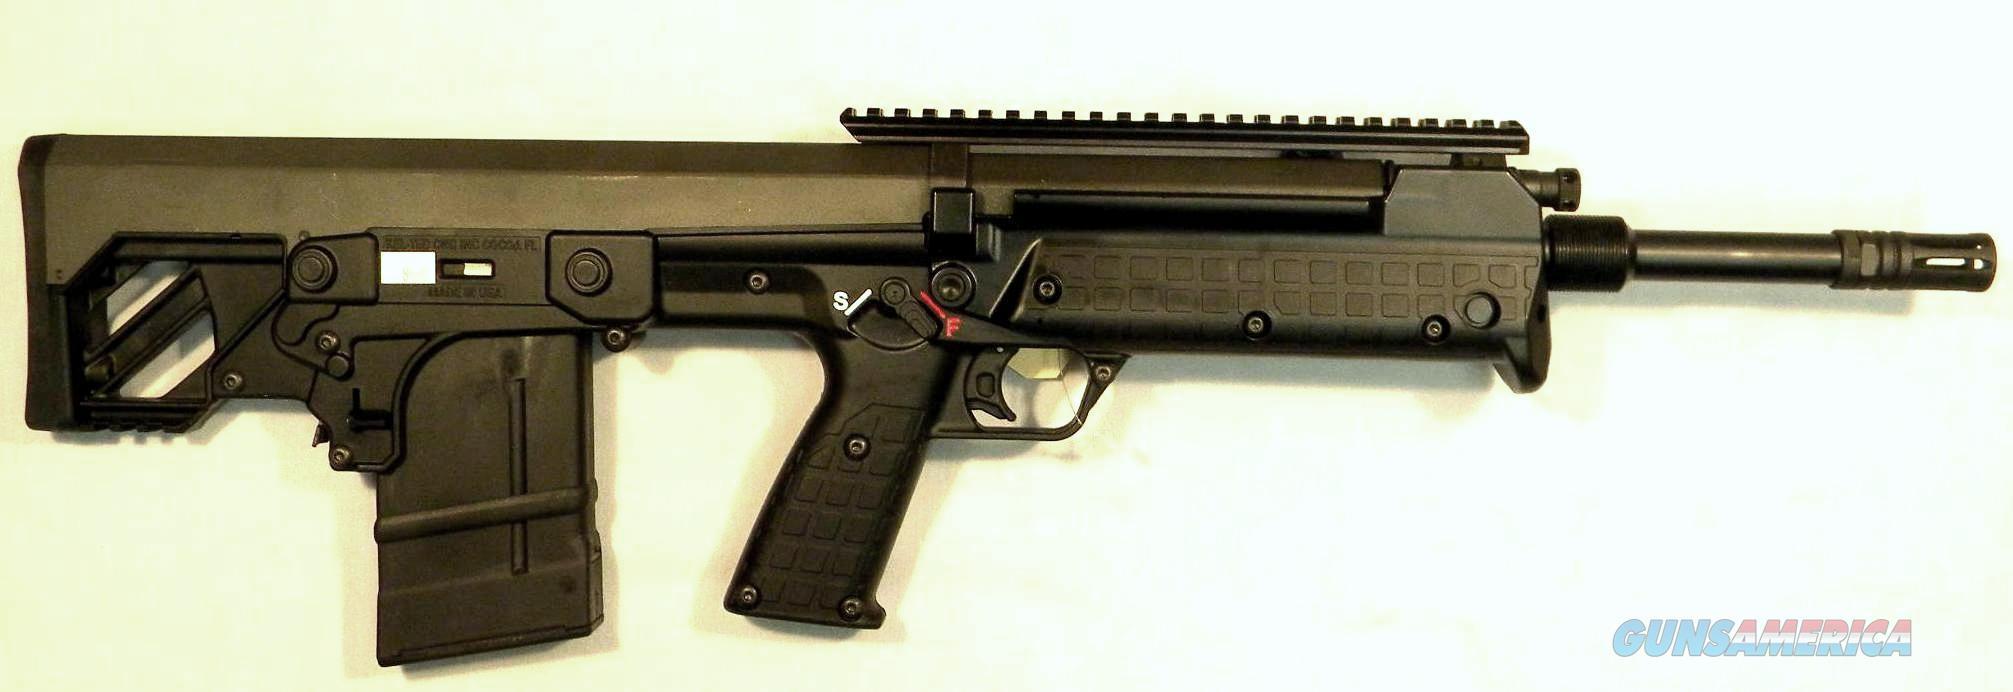 Kel-Tec RFB, .308 Bull-Pup!  Guns > Rifles > Kel-Tec Rifles